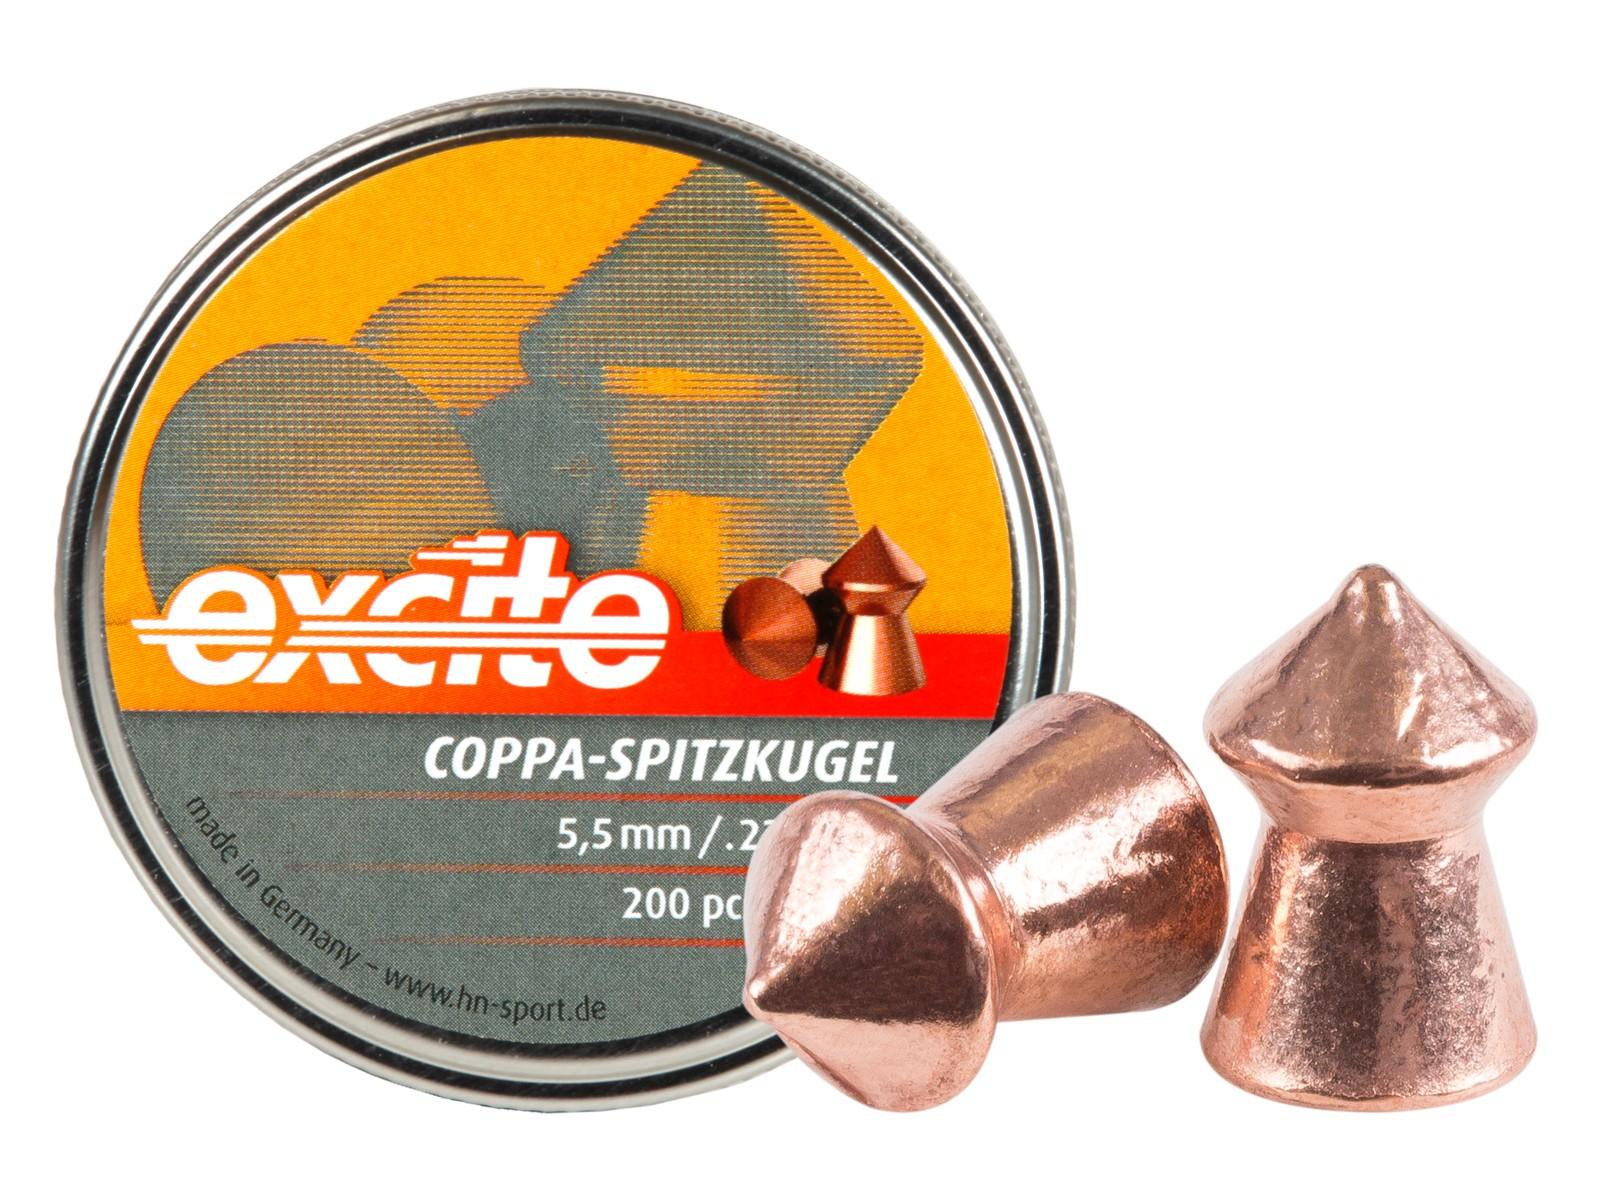 H&N Excite Coppa-Spitzkugel.